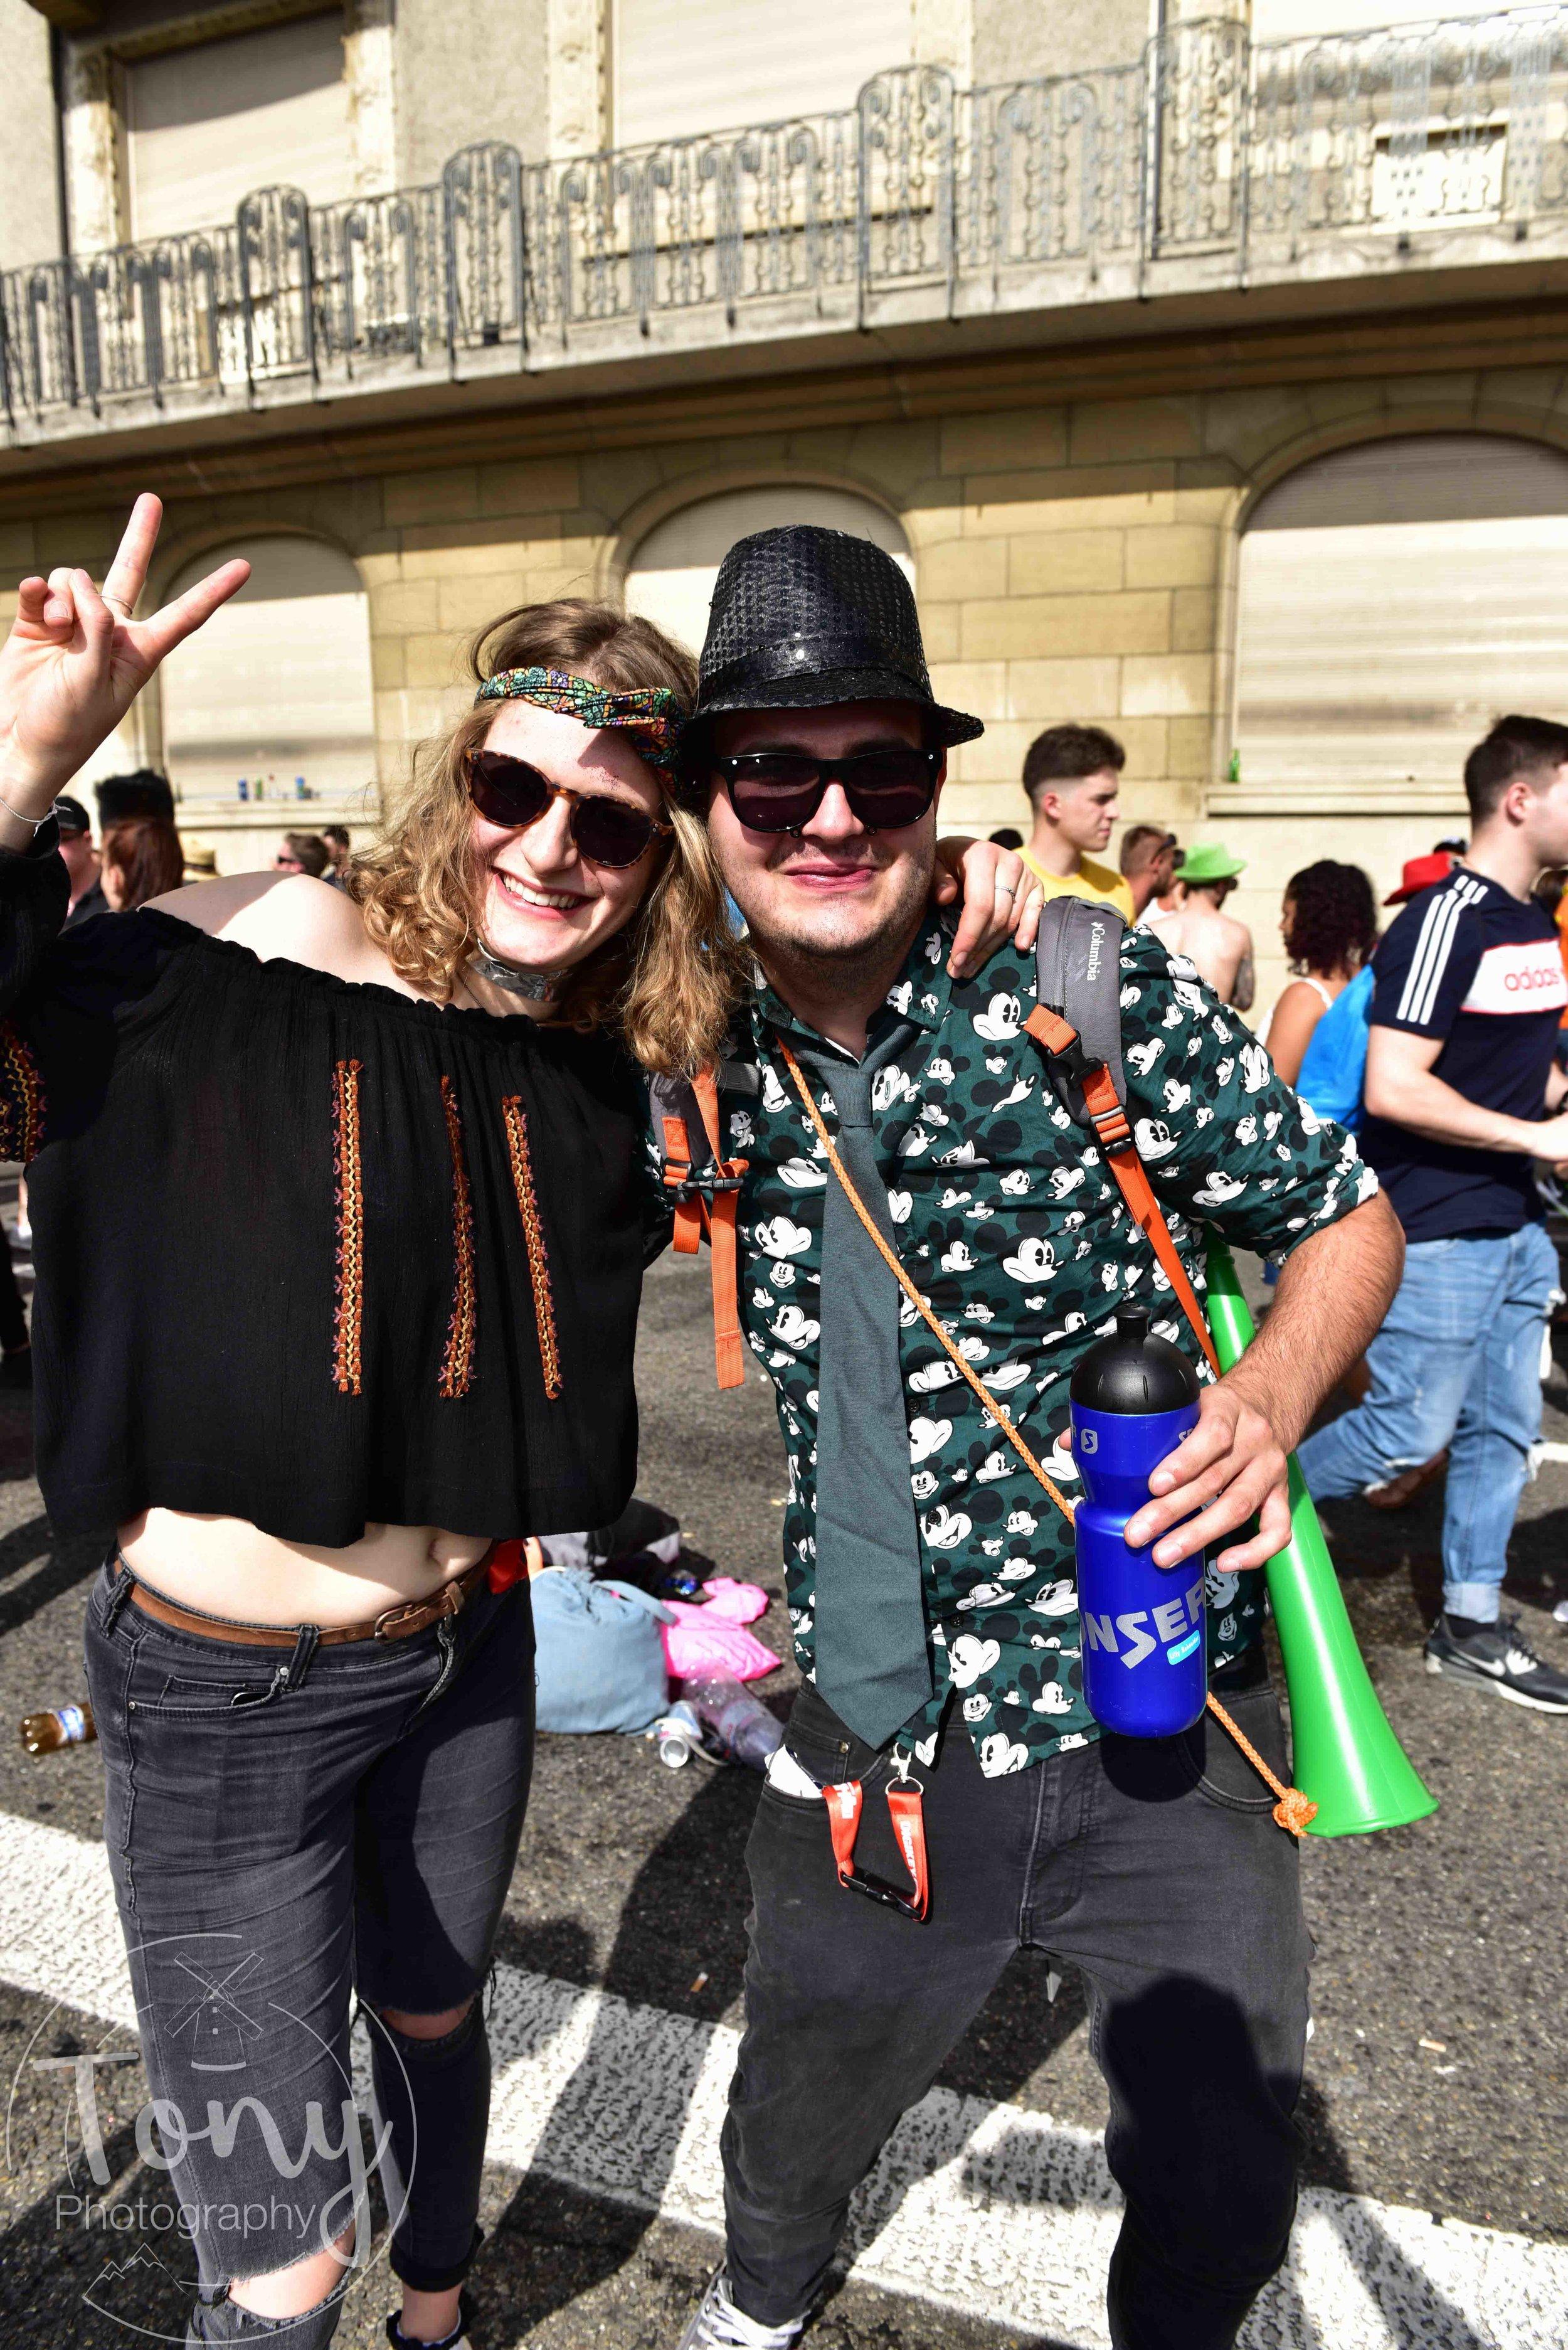 streetparade-167.jpg